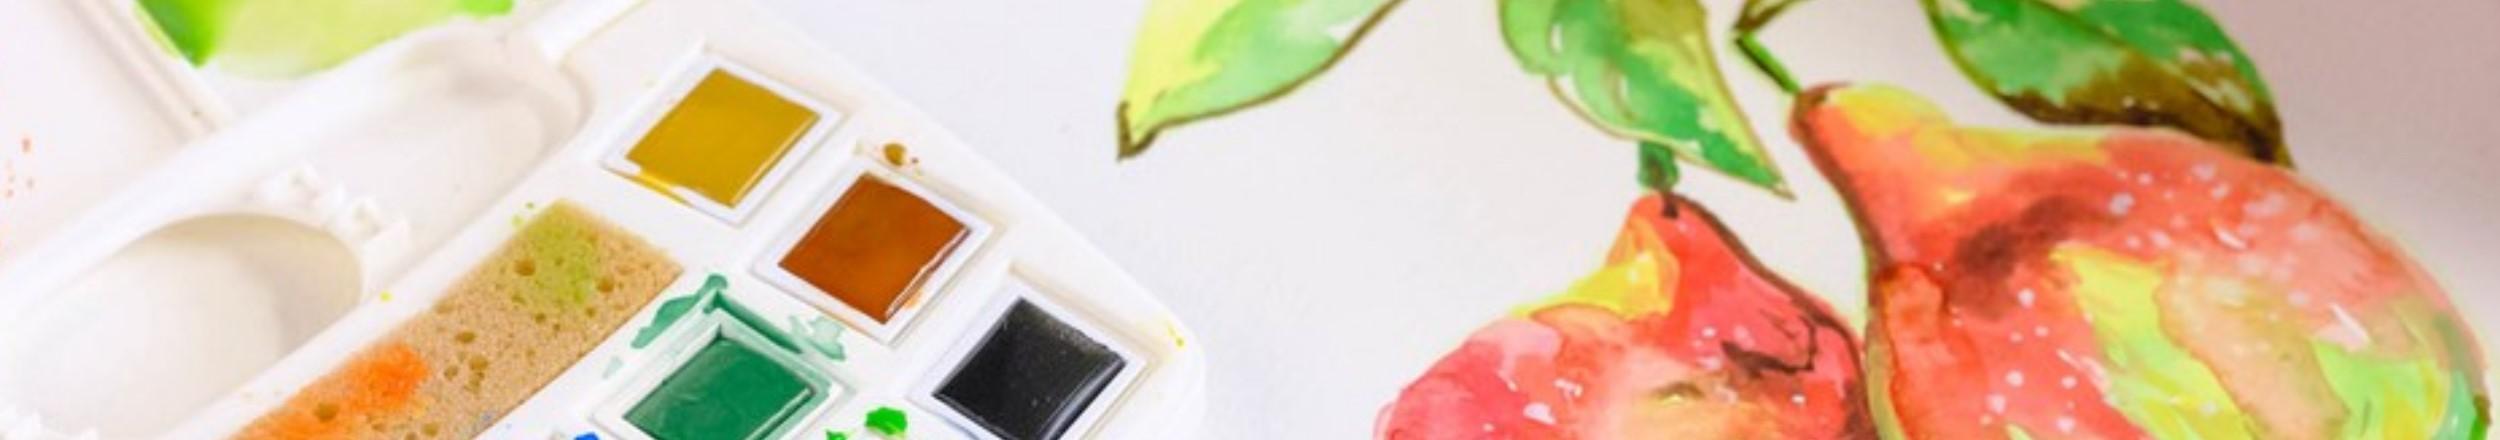 Aquarell Malerei mit Zurban-Toolbox